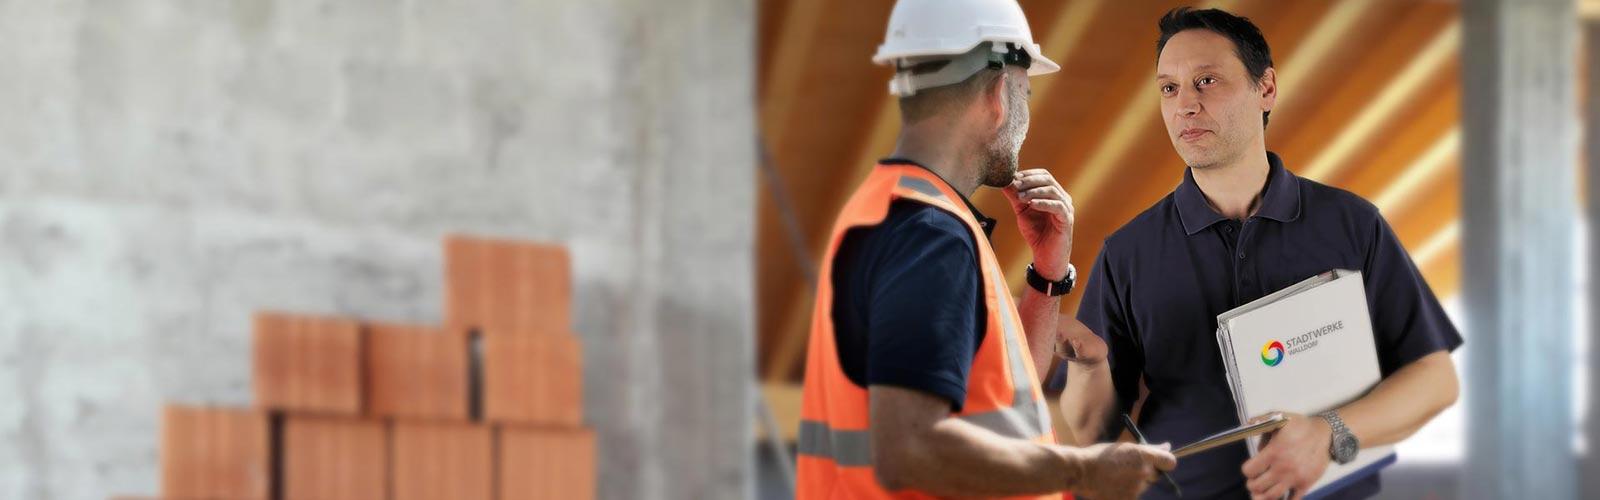 Stefan Lang von den Stadtwerken Walldorf brieft einen Bauarbeiter.